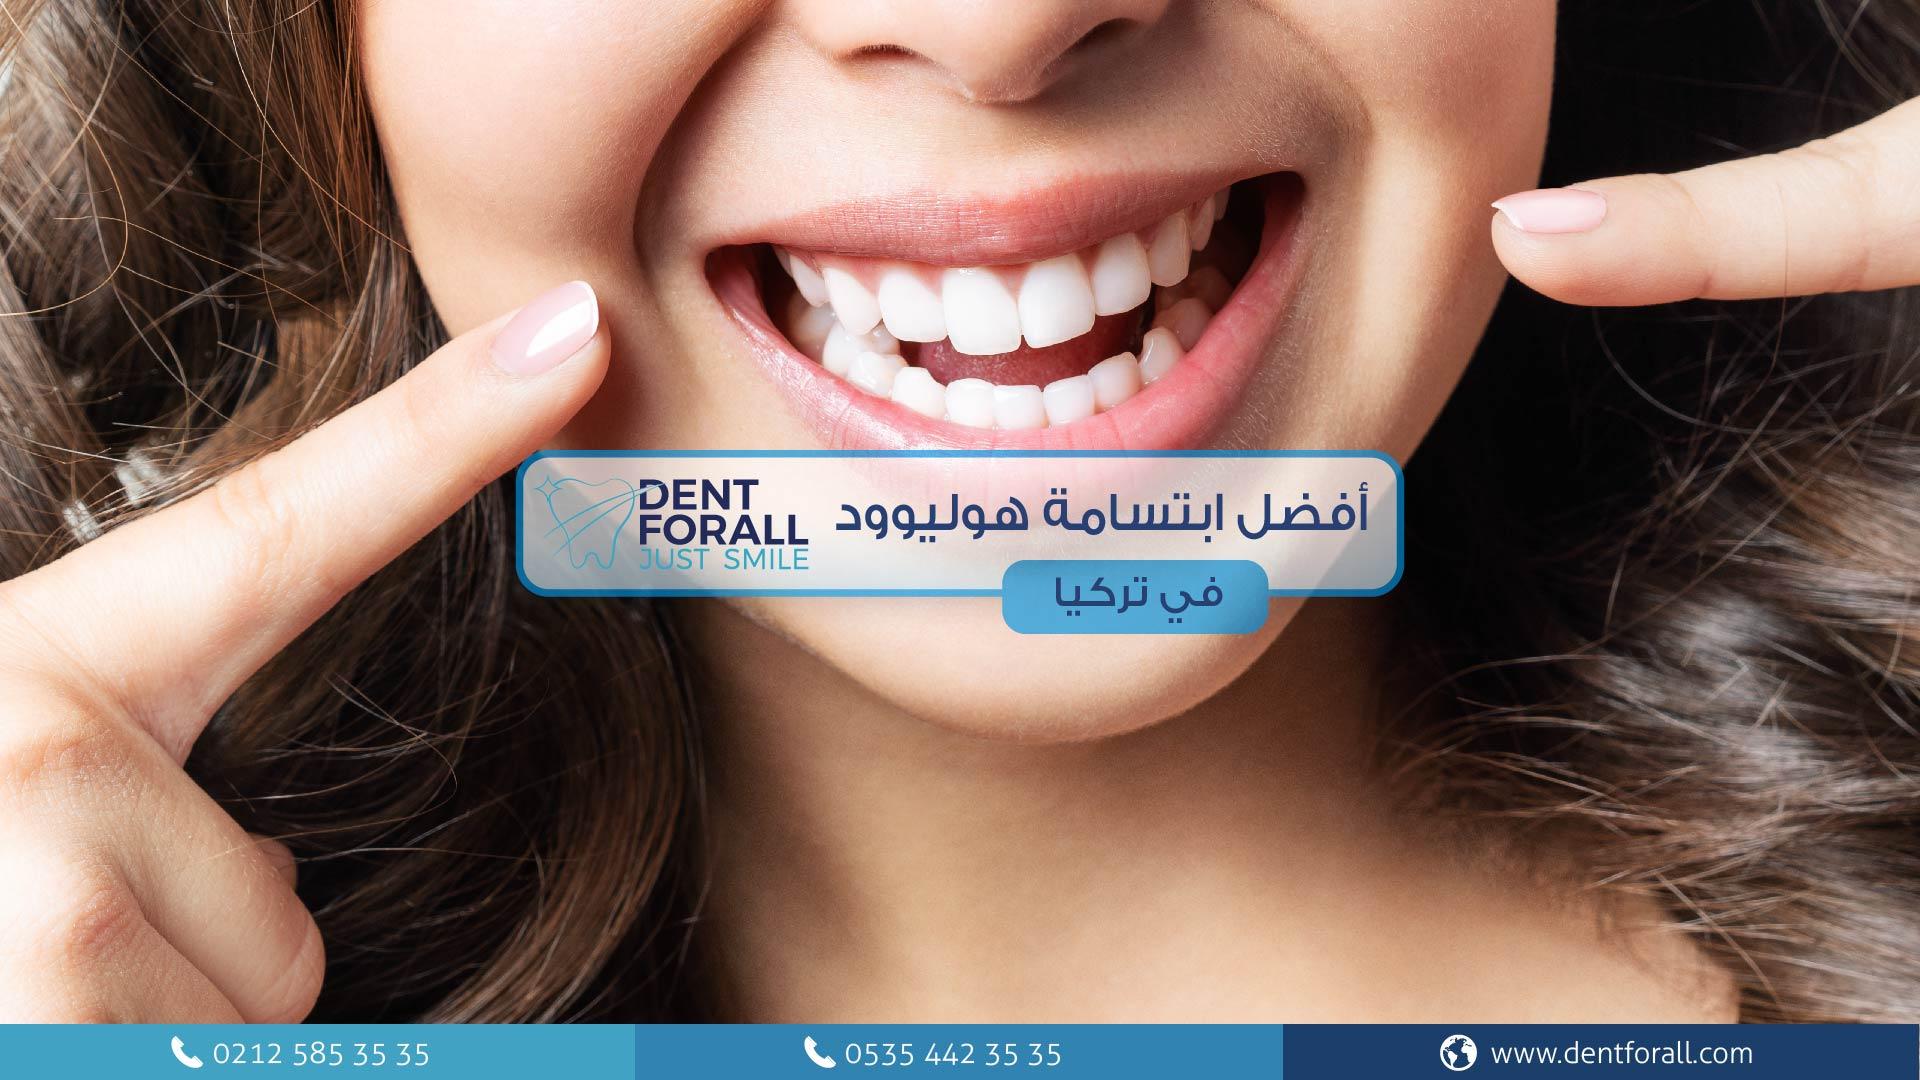 ابتسامة هوليود وأنواع الابتسامات وبعض النصائح للحصول على أفضل ابتسامة